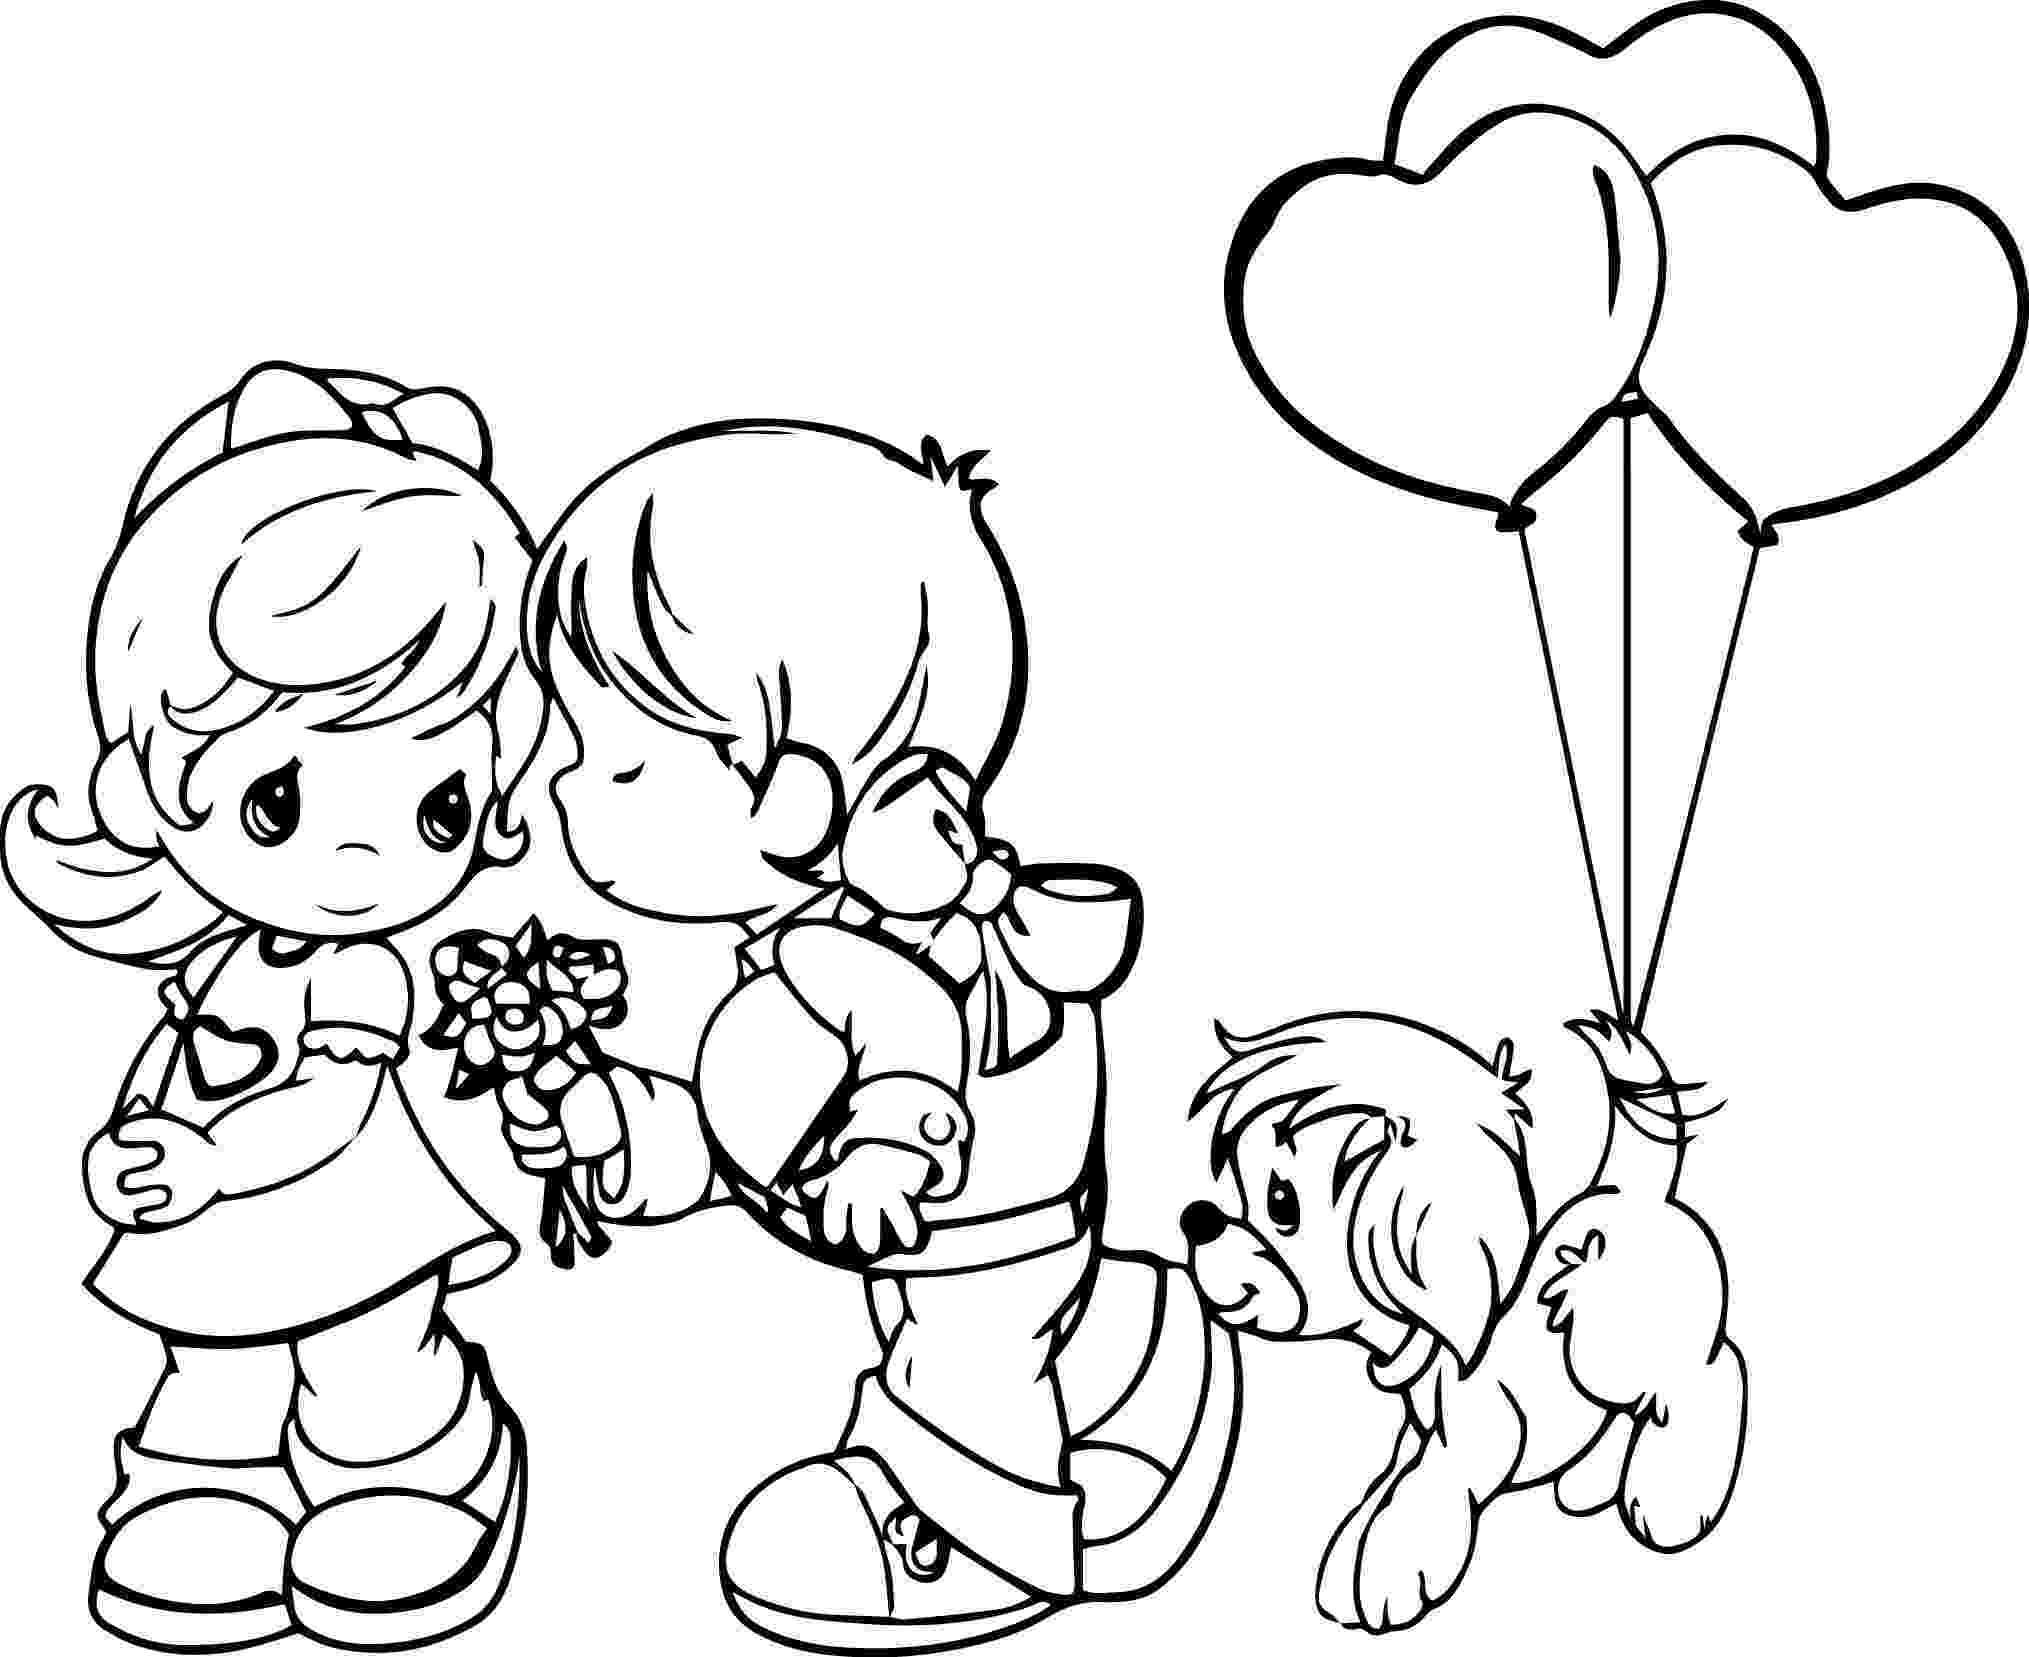 precious moments coloring books precious moments coloring pages coloring sheets precious moments coloring precious books